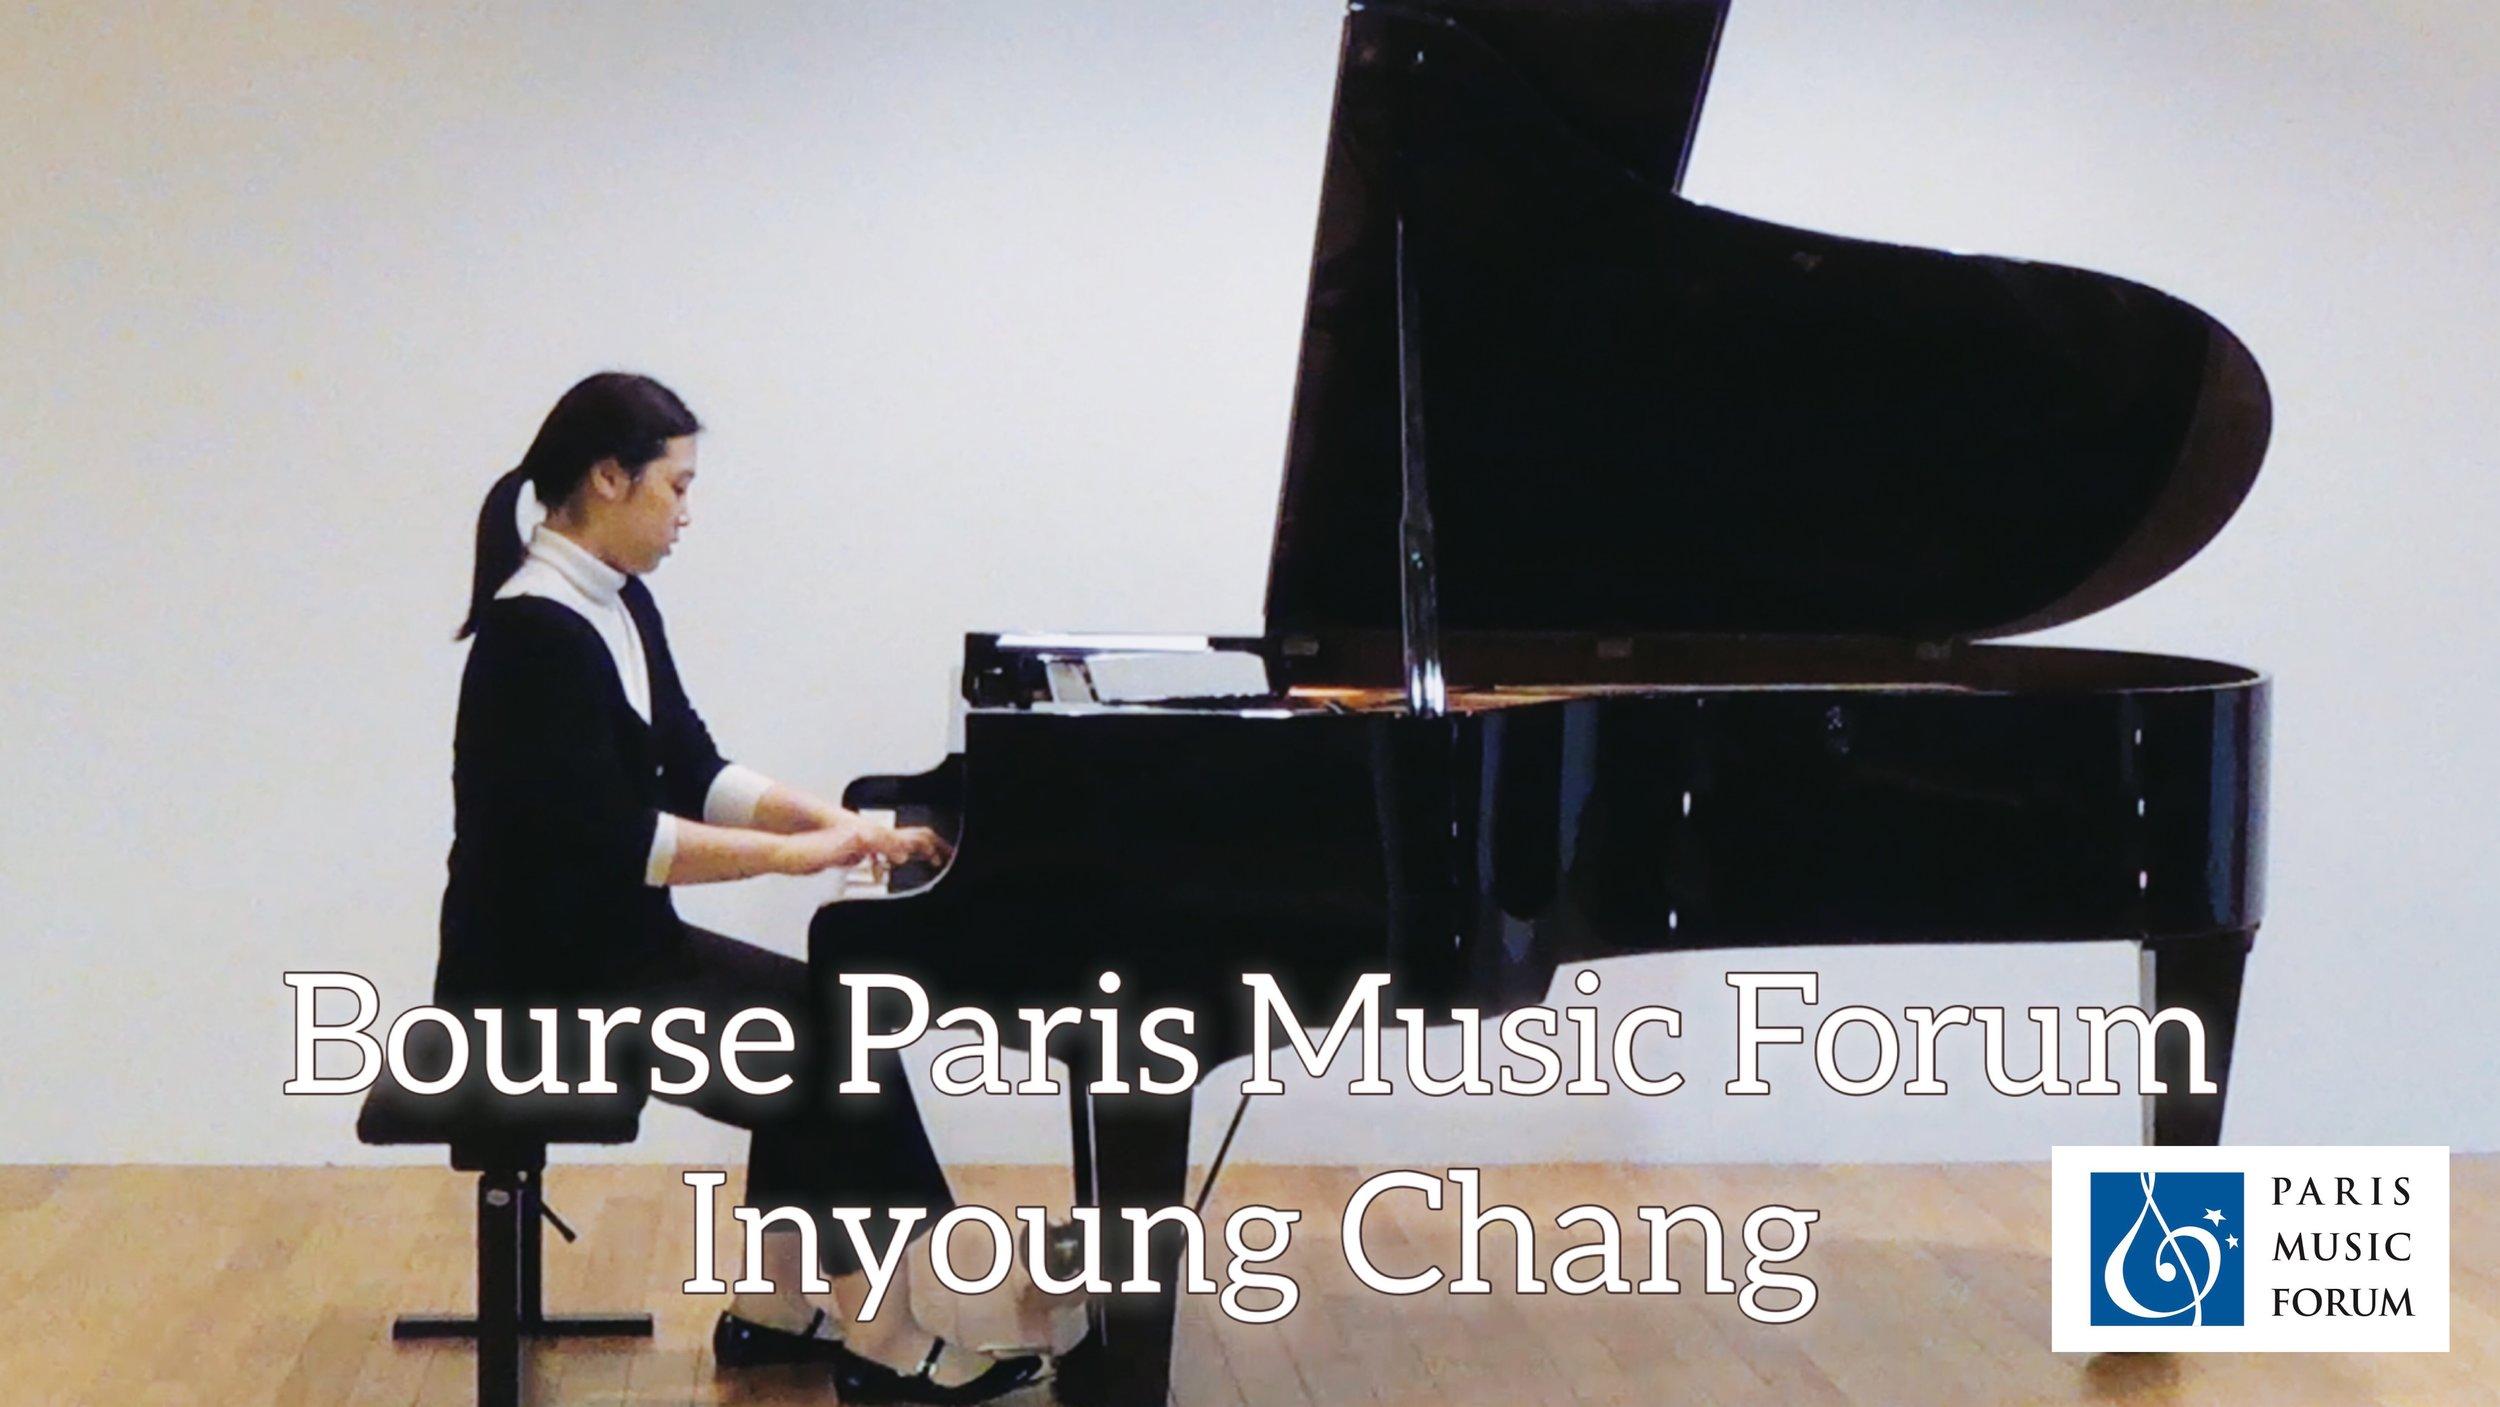 Bourse Paris Music Forum   Inyoung C H A N G   Diplôme avec une Bourse* sous forme d'avoir-remboursement des frais d'hôtel dans la limite de 200 euros (voir ci-dessous pour les détails de la récompense)